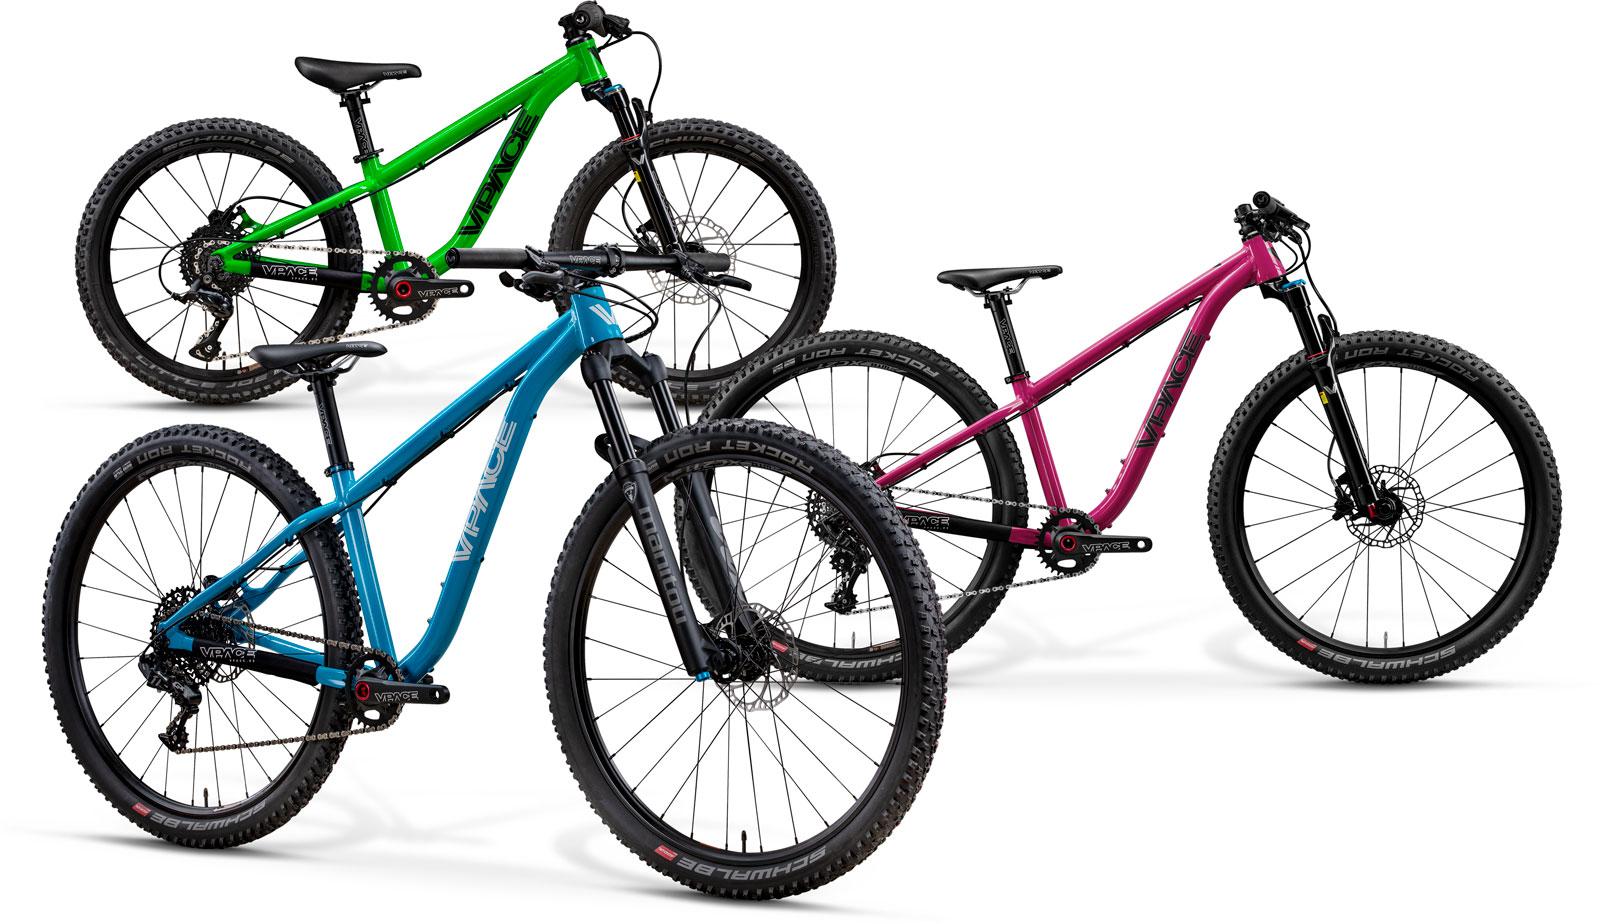 MAX275 in Trail Blau, MAX26 in Crazy Pink und MAX20 Trail Edition in Poison Grün.